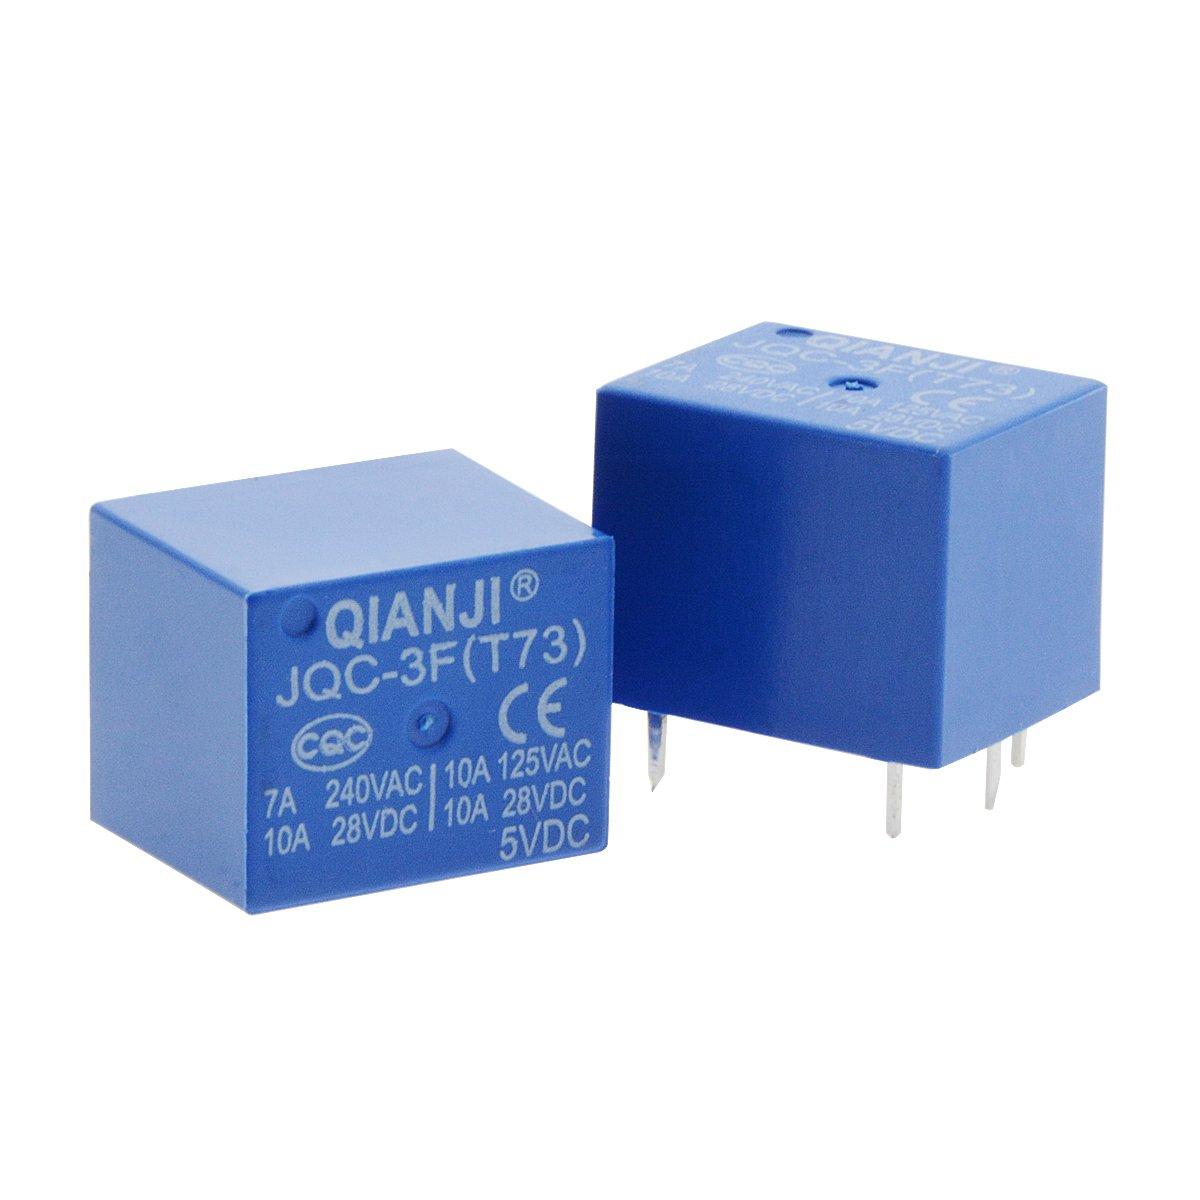 Saim DC 5/V bobina 5/pin mini rel/è di potenza SPST PCB tipo jqc-3/F 12/pz